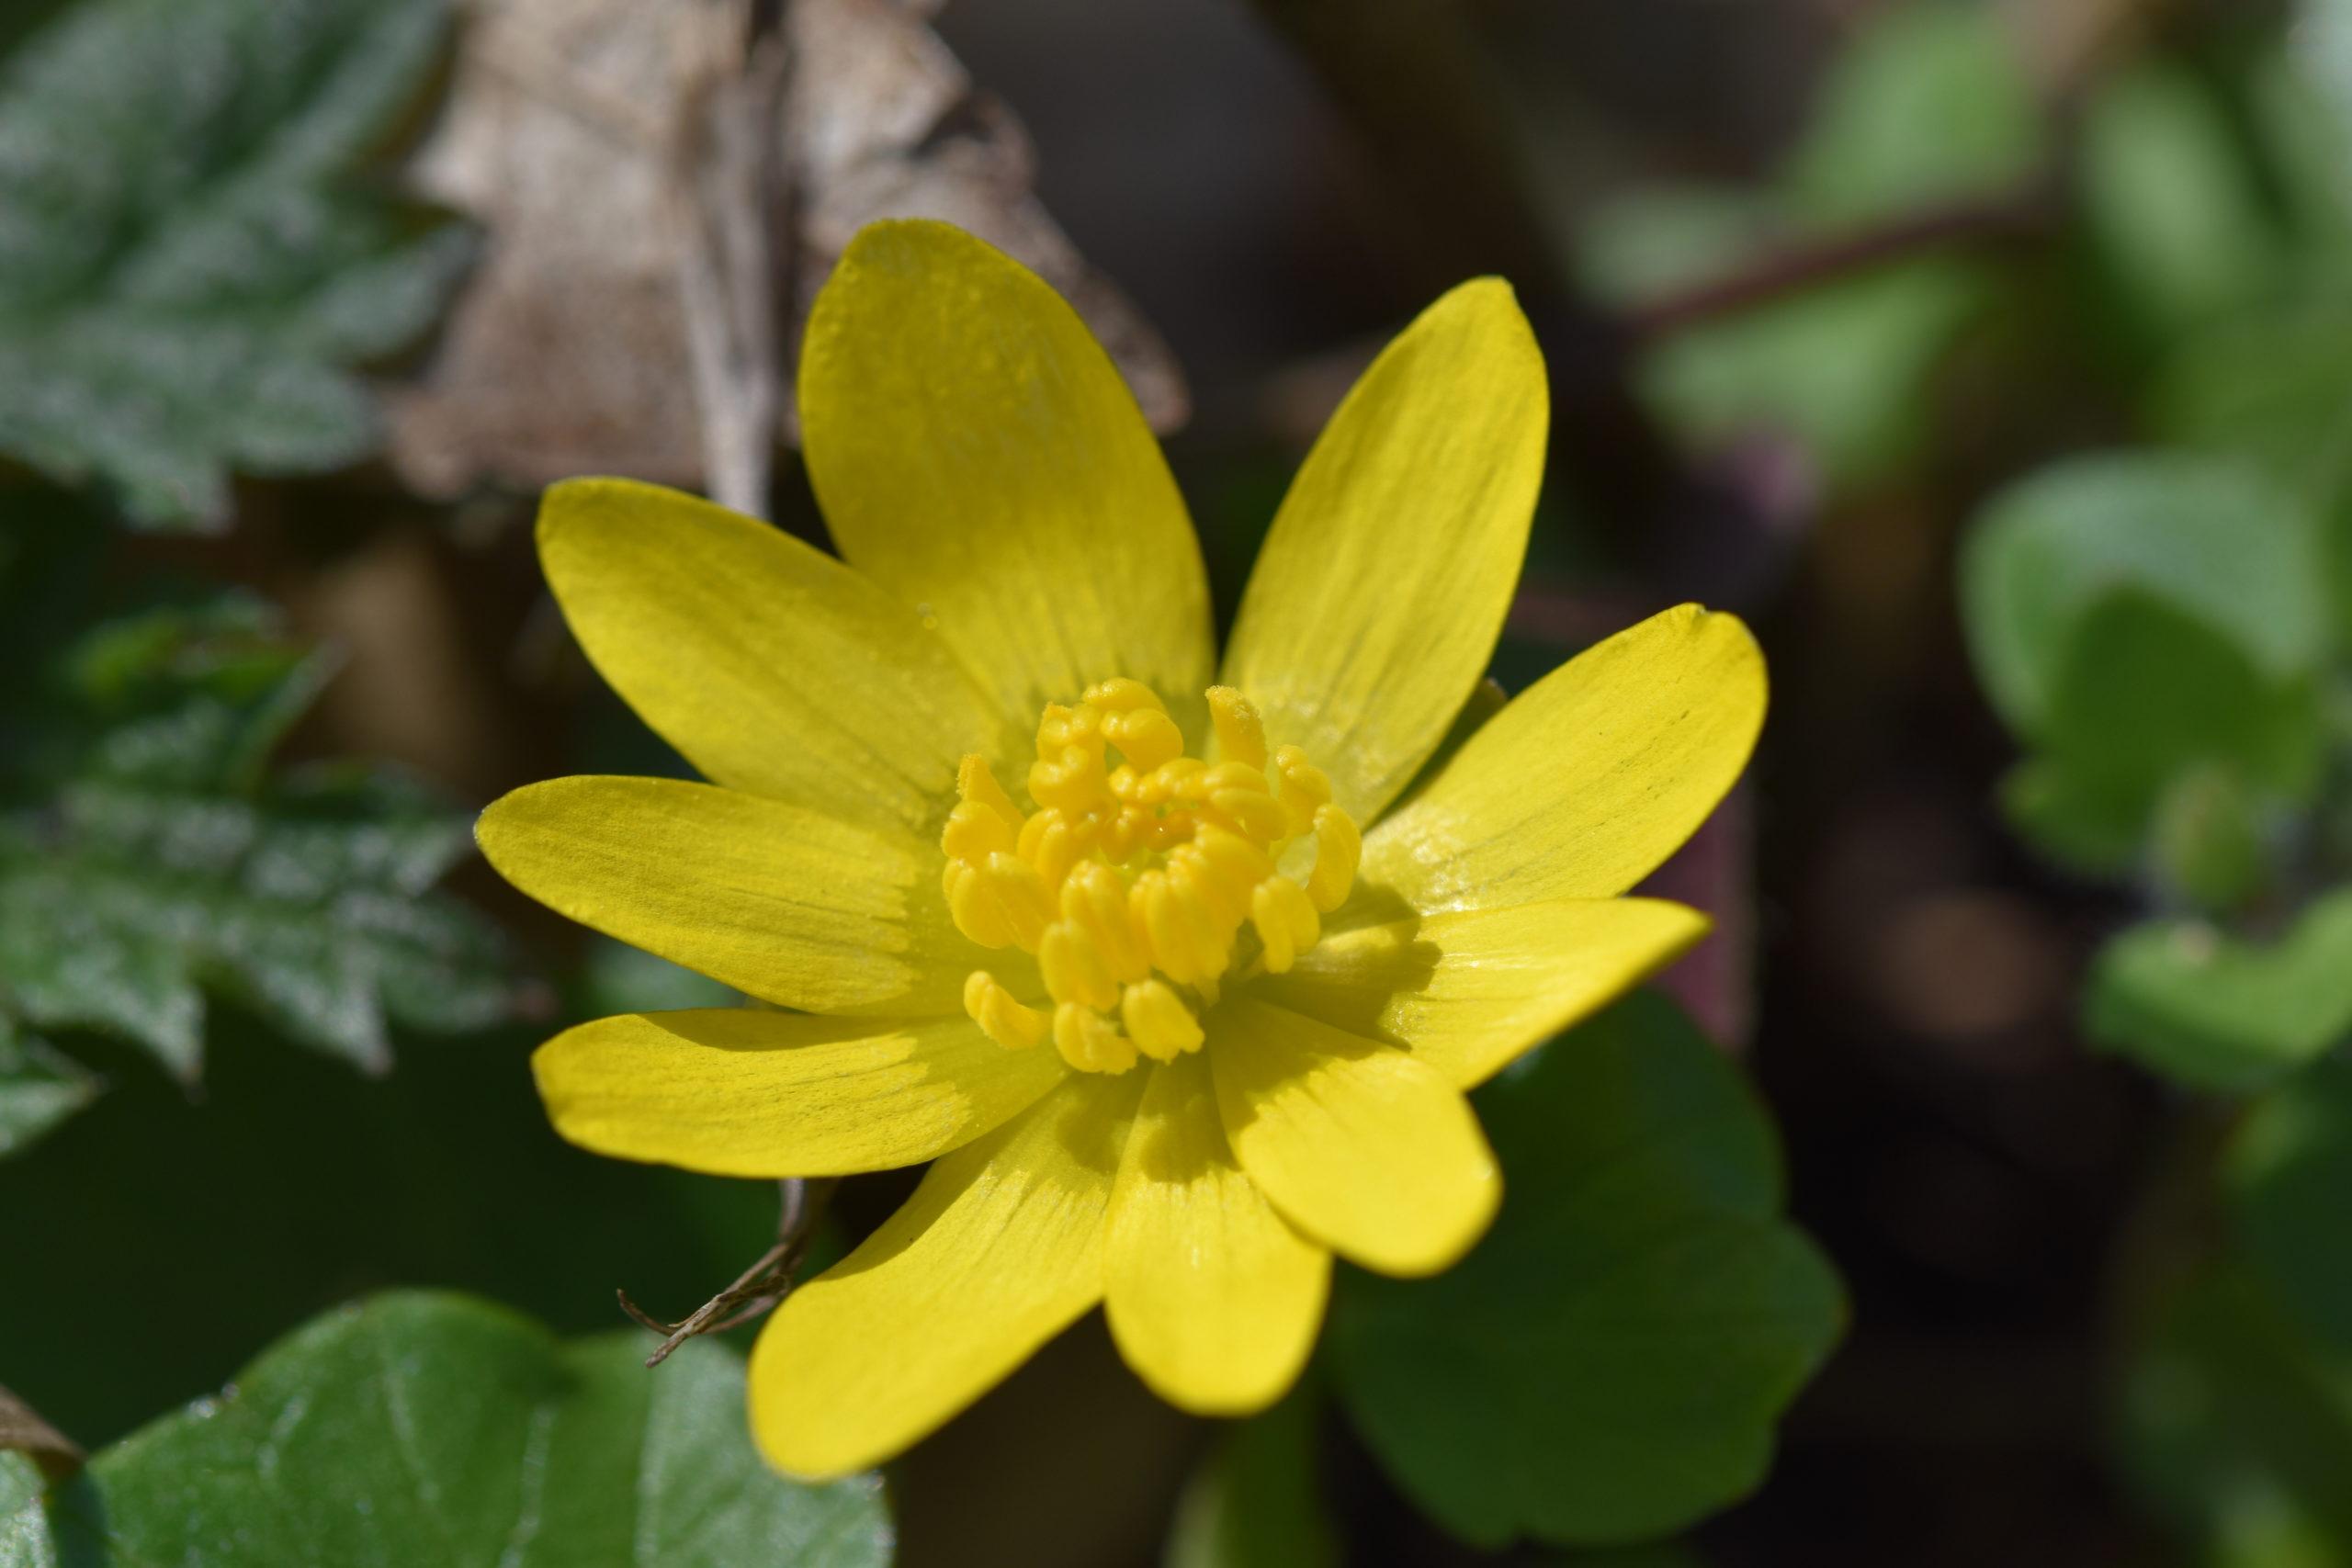 Scharbockskraut - Darstellung der gelben Blüte